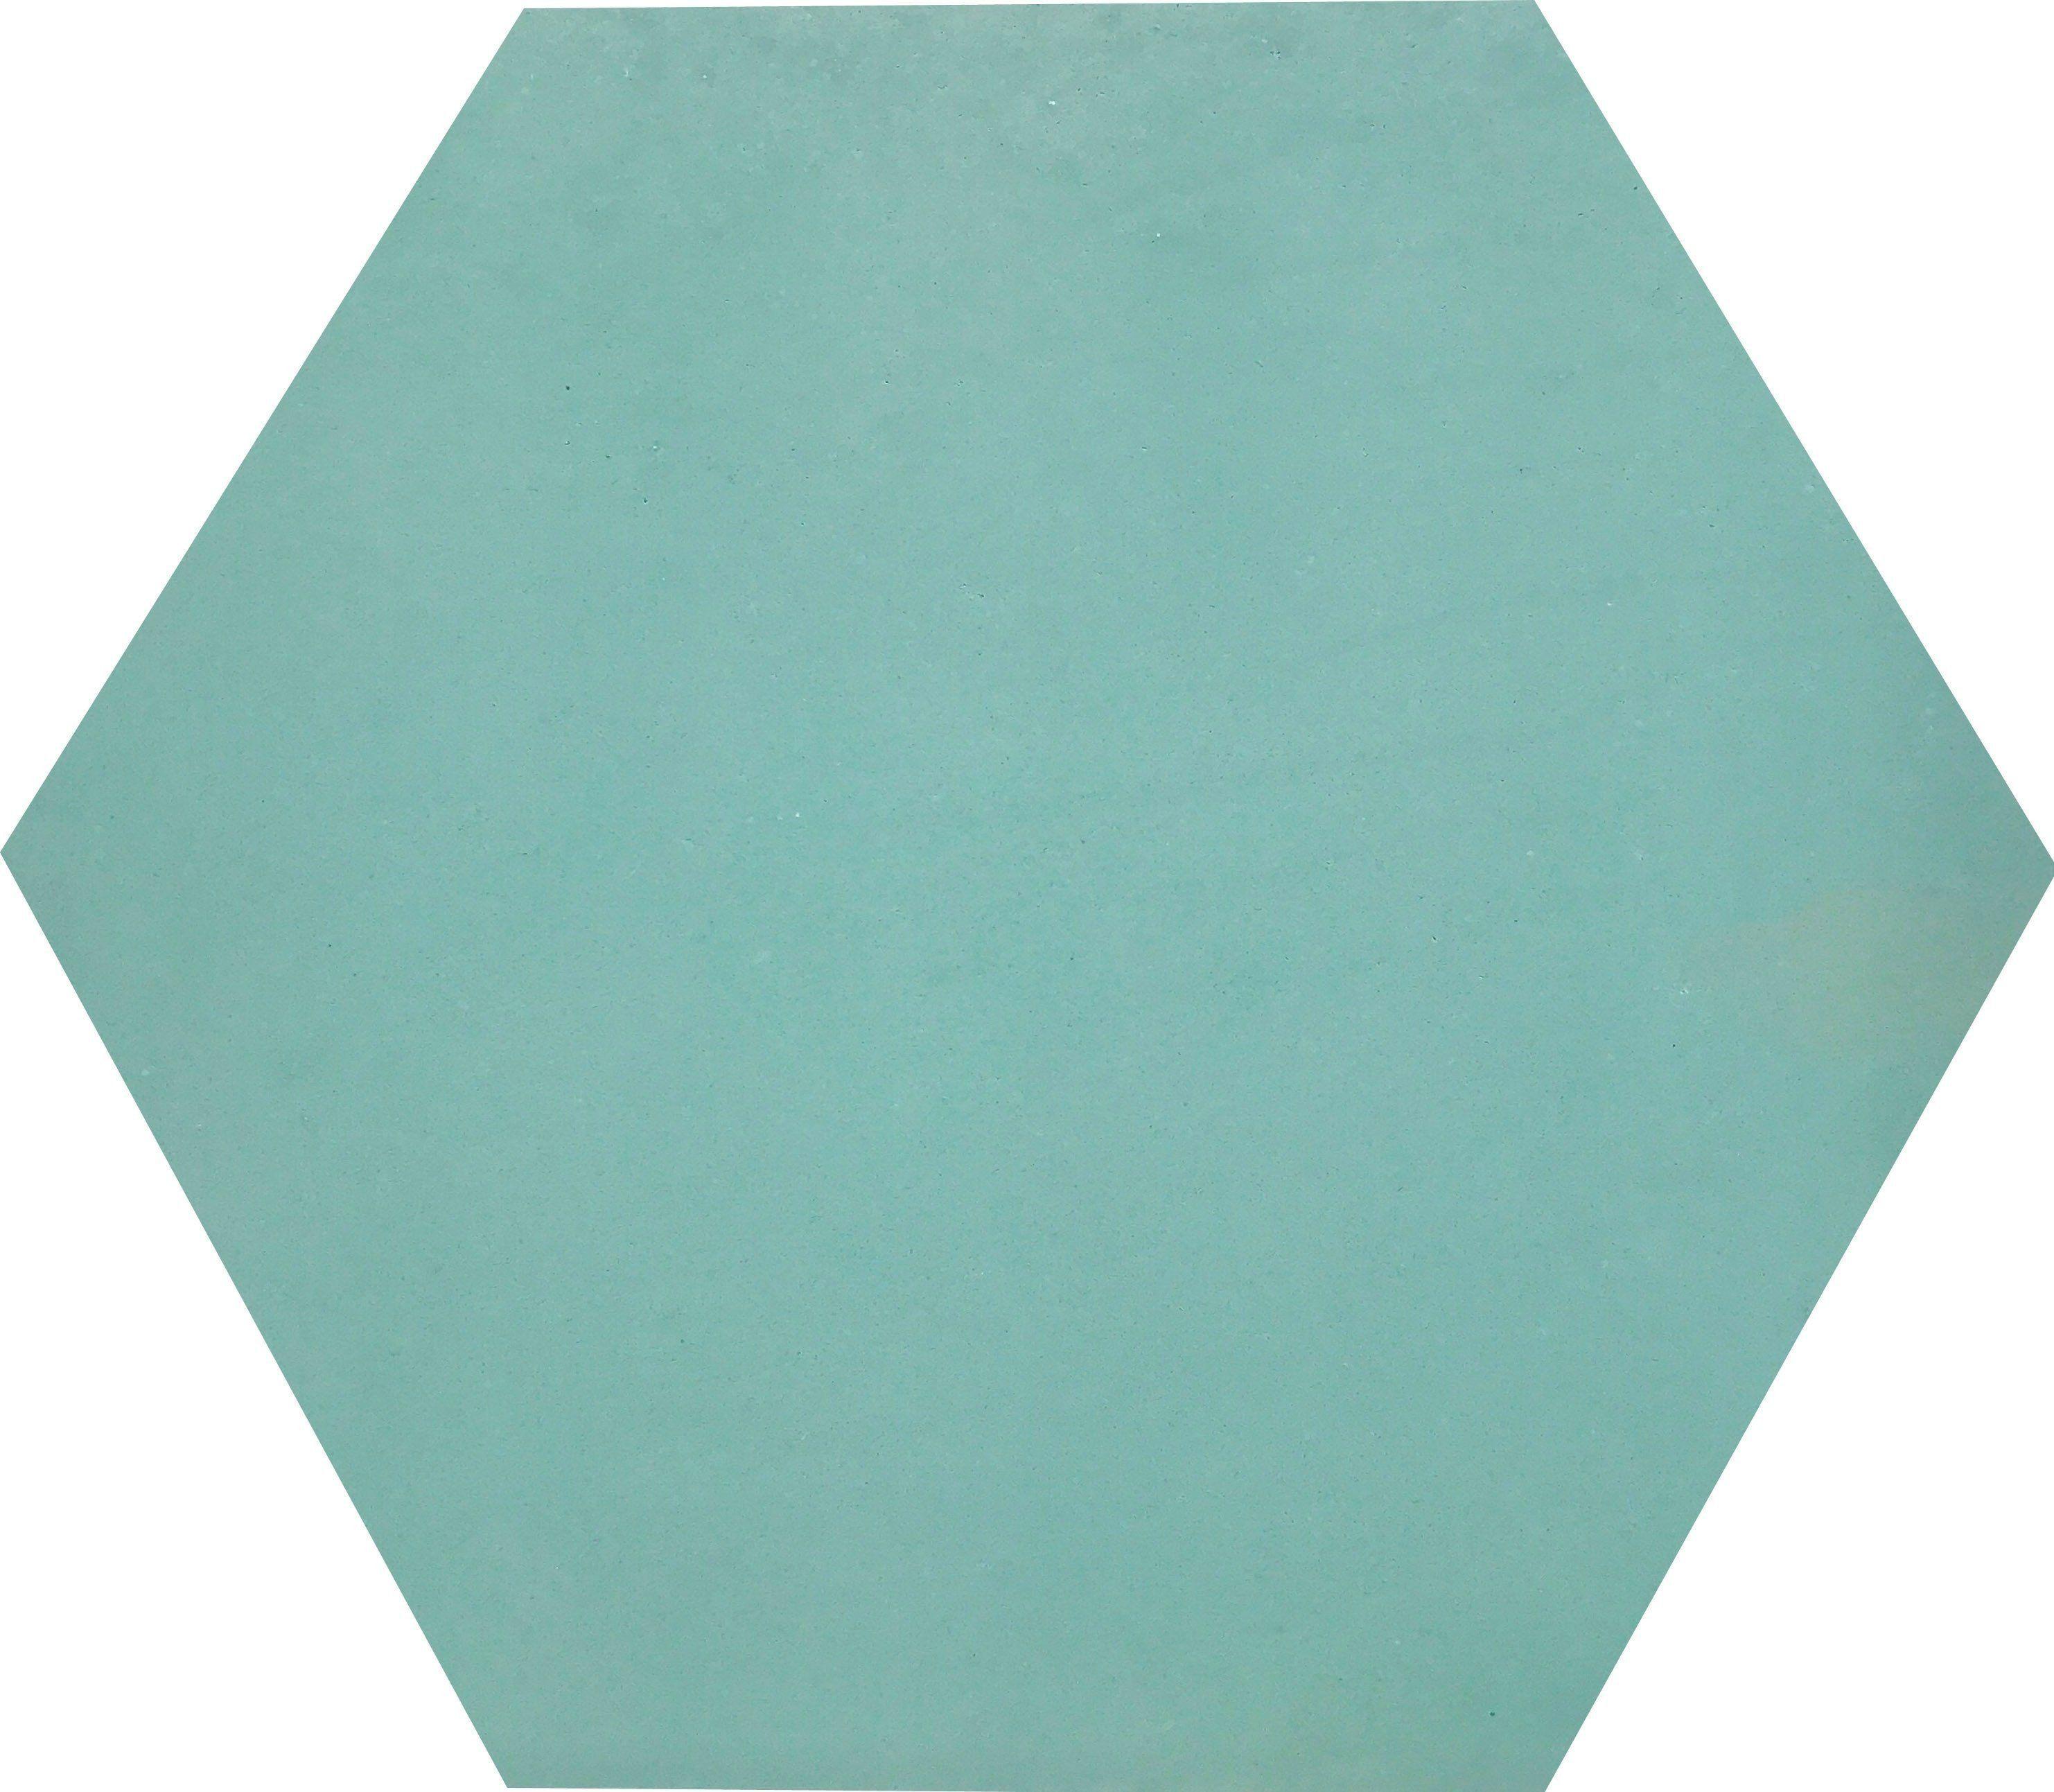 This single hue, bespoke hexagonal tile in Laguna blue ...